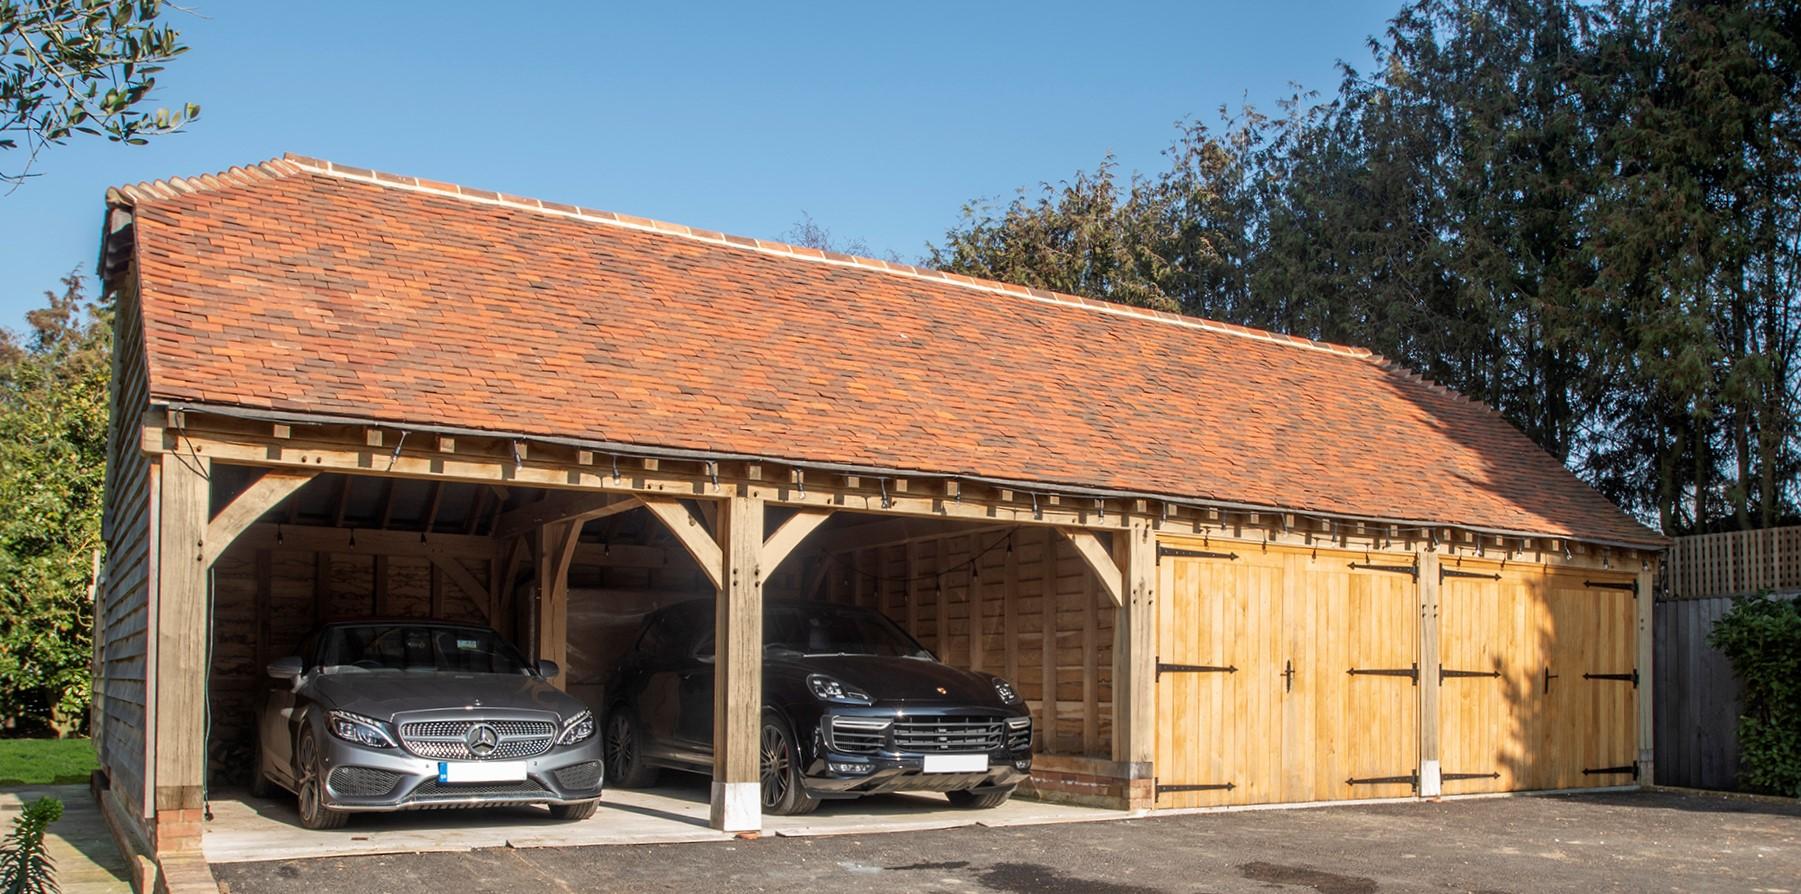 Green oak cartshed garage produced in Kent